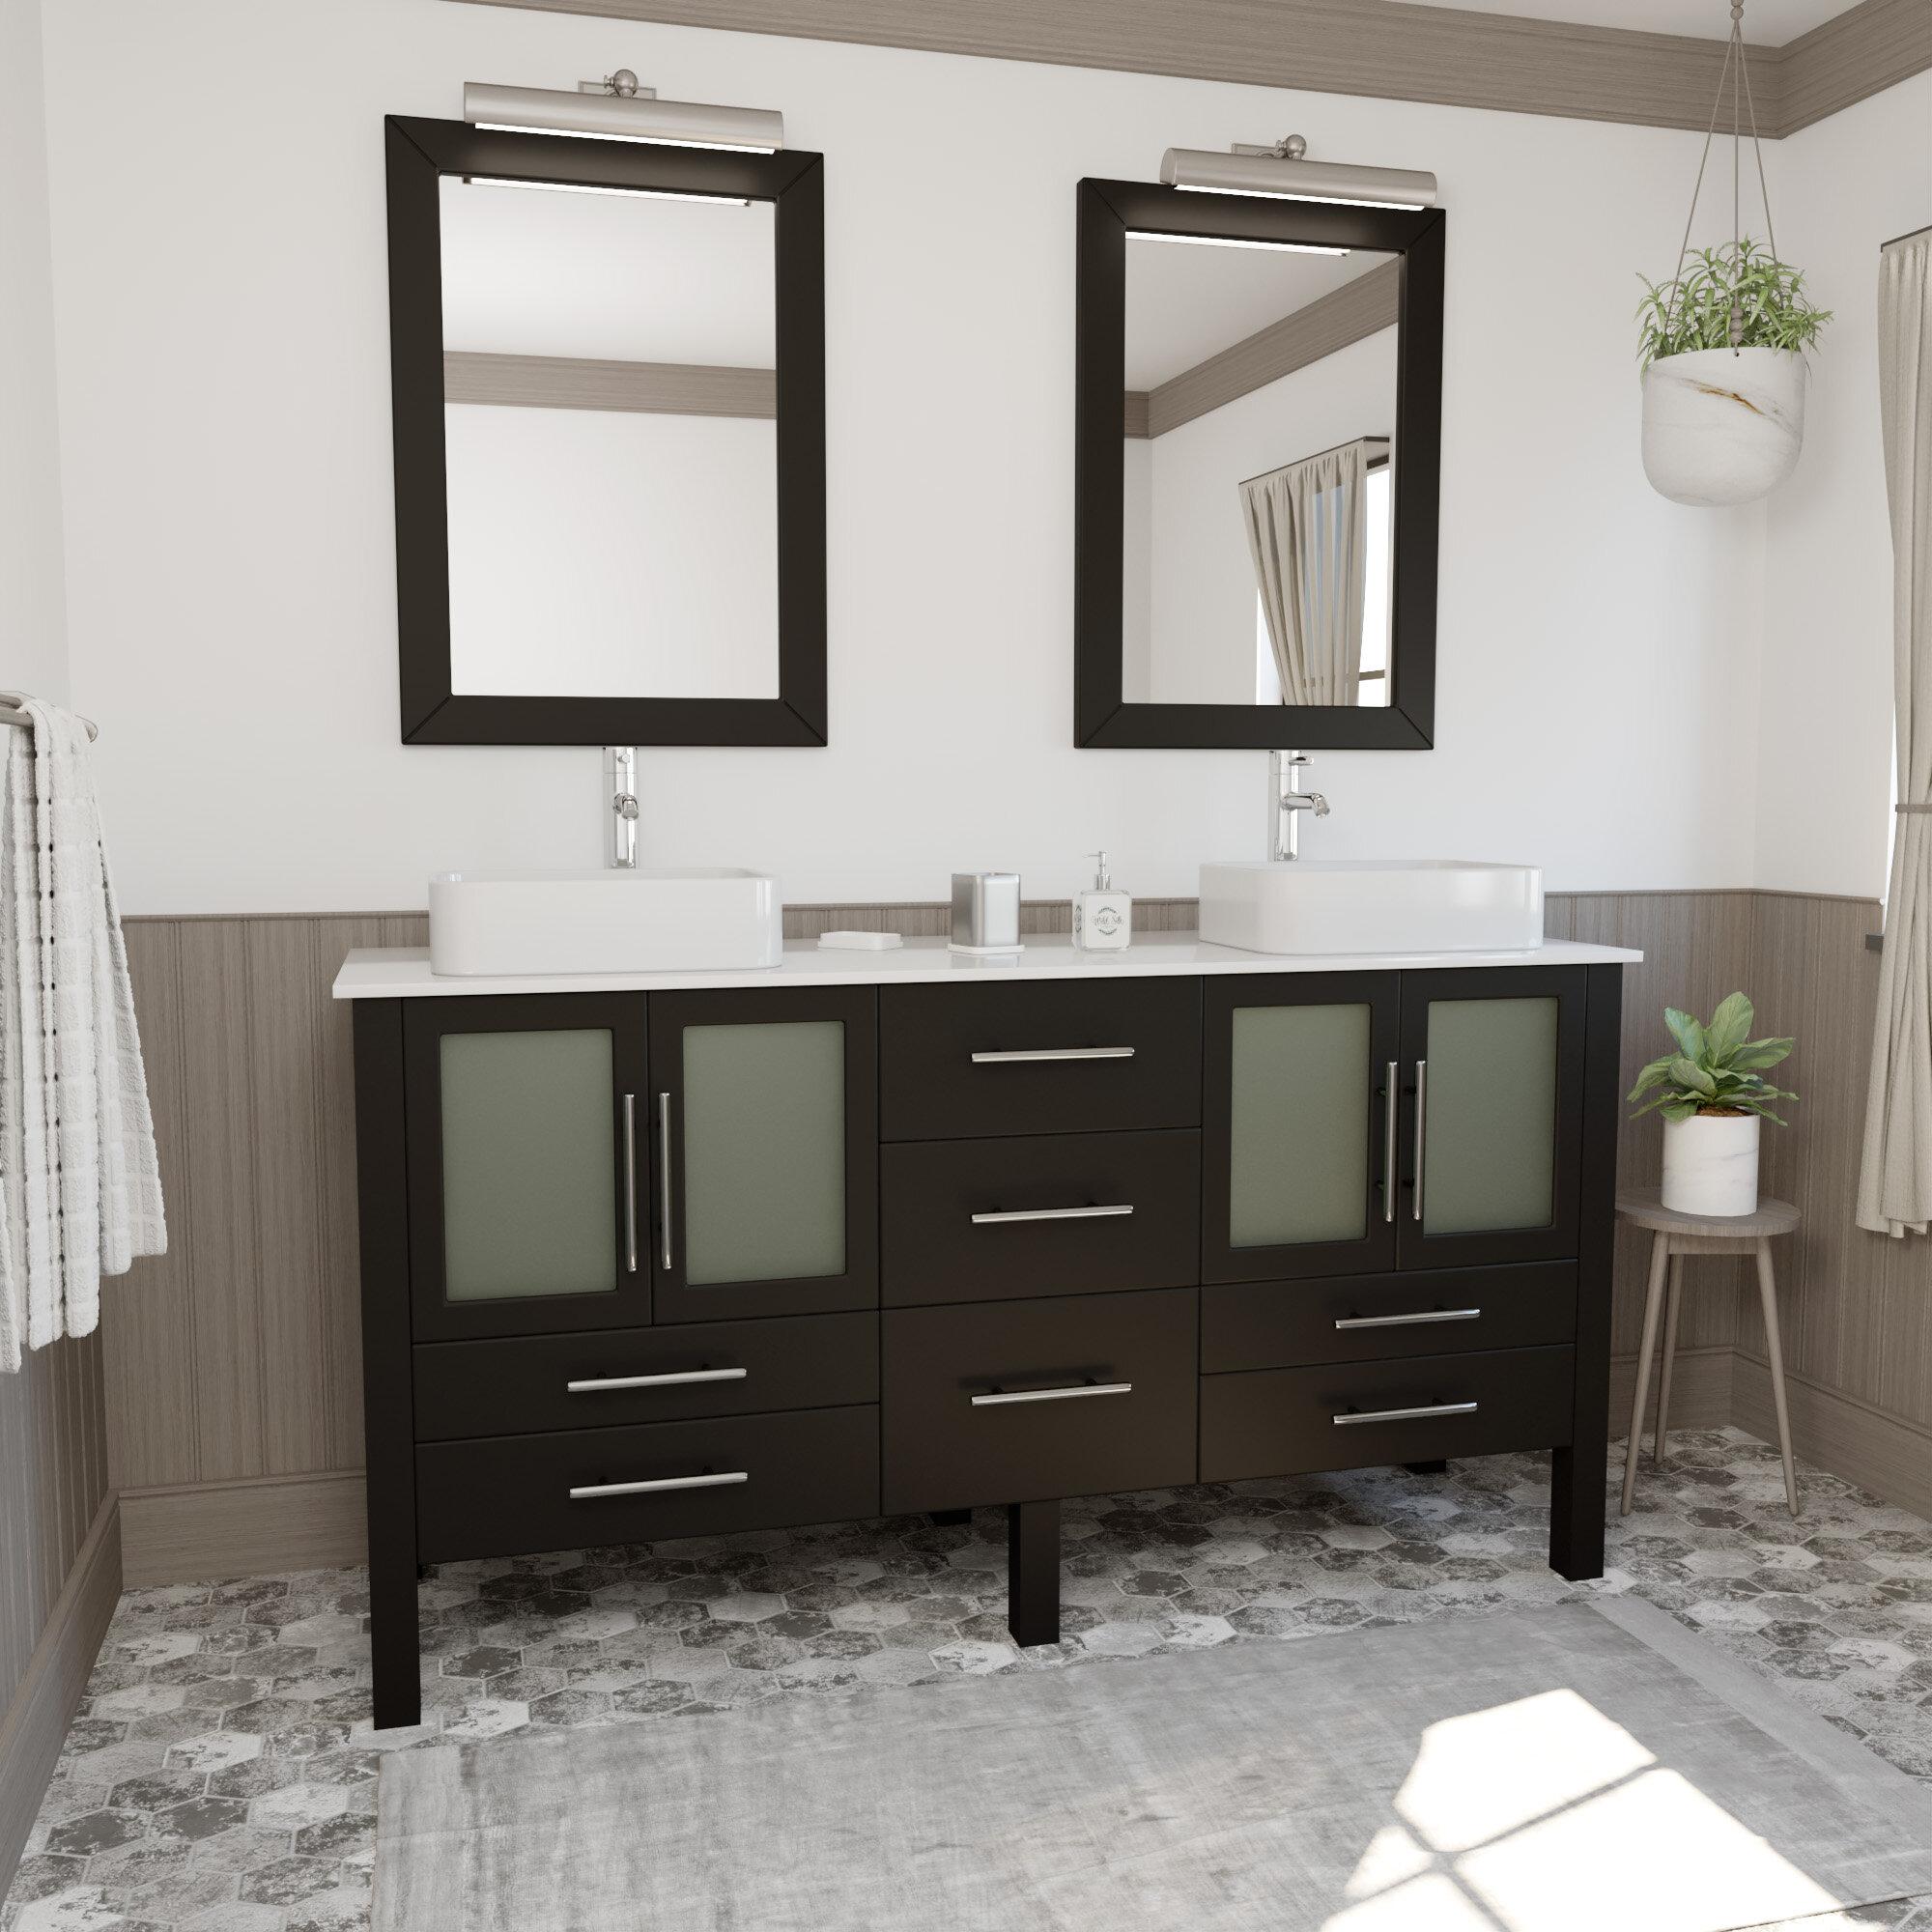 48 Inch Bath Vanity, Cambridge Plumbing Aspen 64 Double Bathroom Vanity Set With Mirror Reviews Wayfair Ca